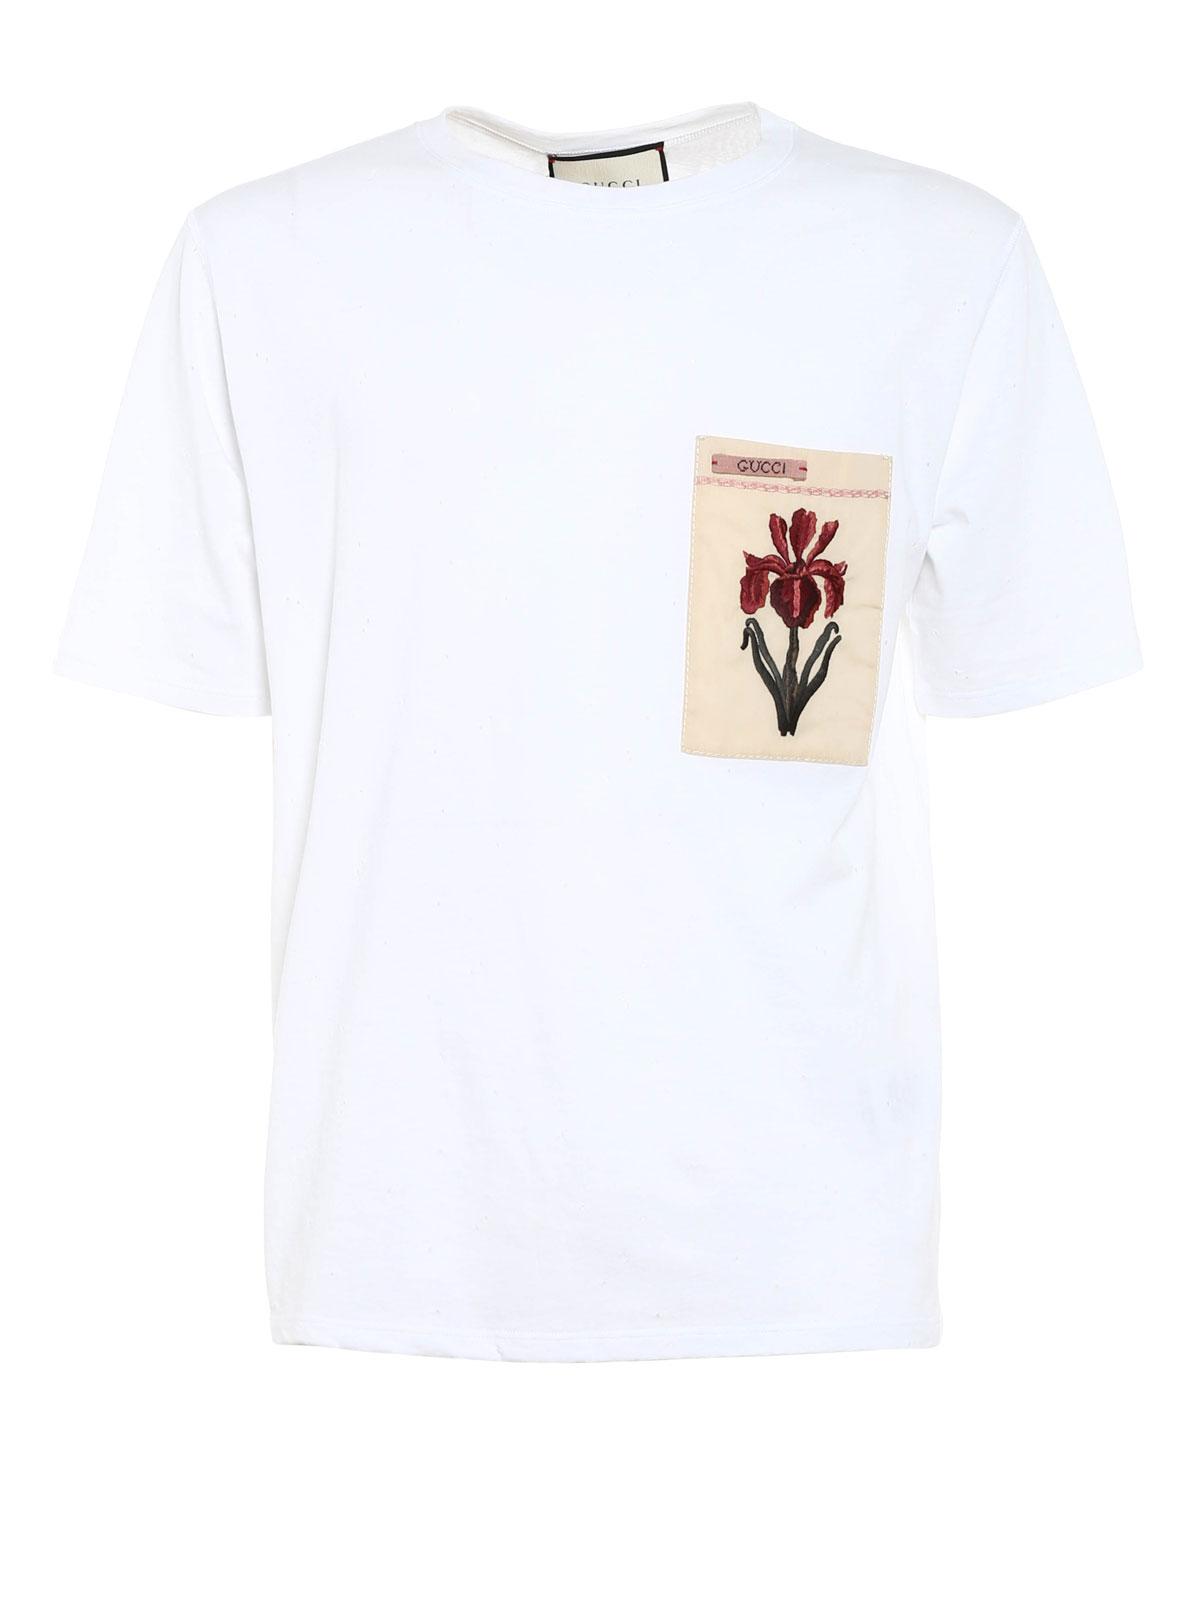 0ecde565 Gucci - T-Shirt Aus Baumwolle Mit Löcher - T-shirts - MN0 408843 ...